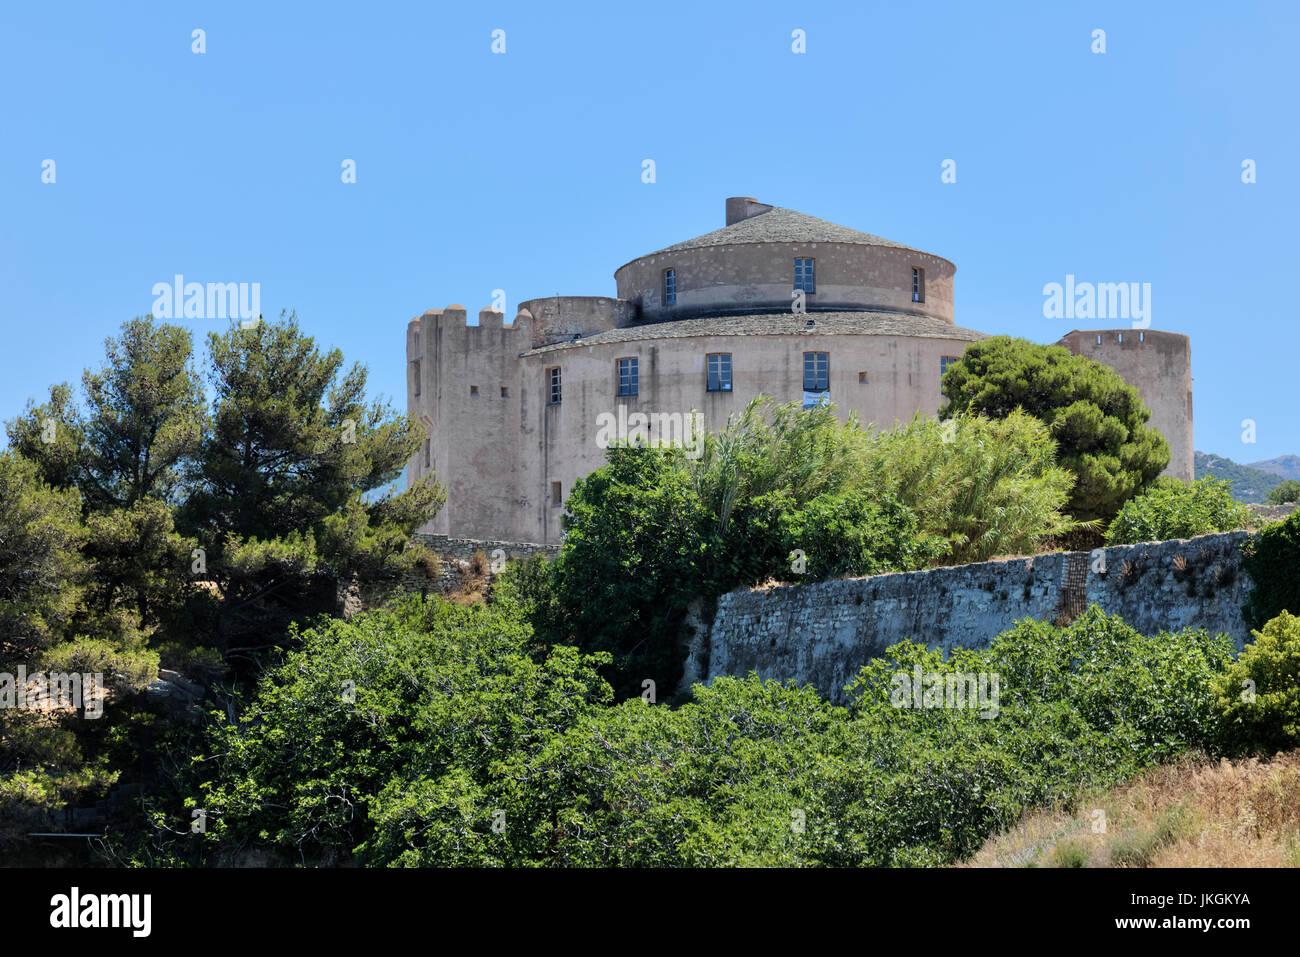 Citadel, Saint-Florent, Haute-Corse, Corsica, France - Stock Image